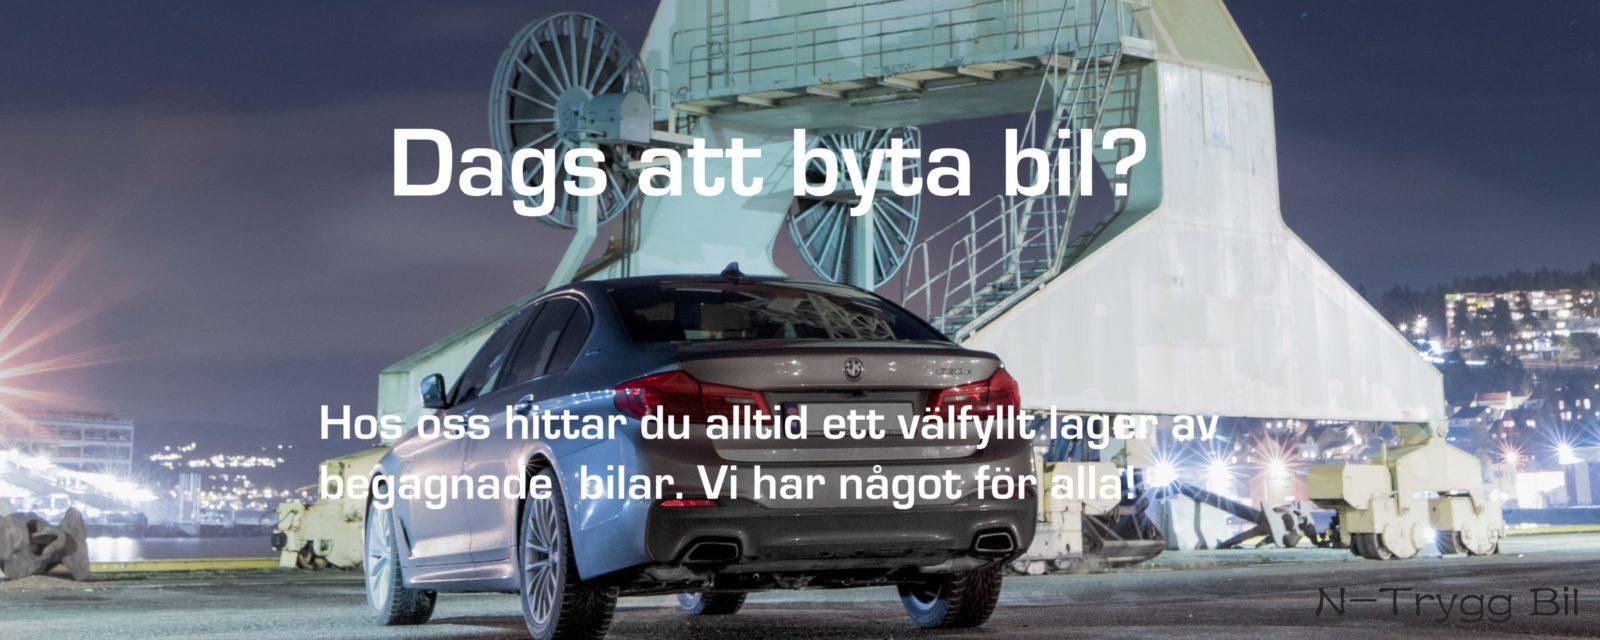 N-Trygg Bil, startsida hemsida, bilförsäljning, BMW, car